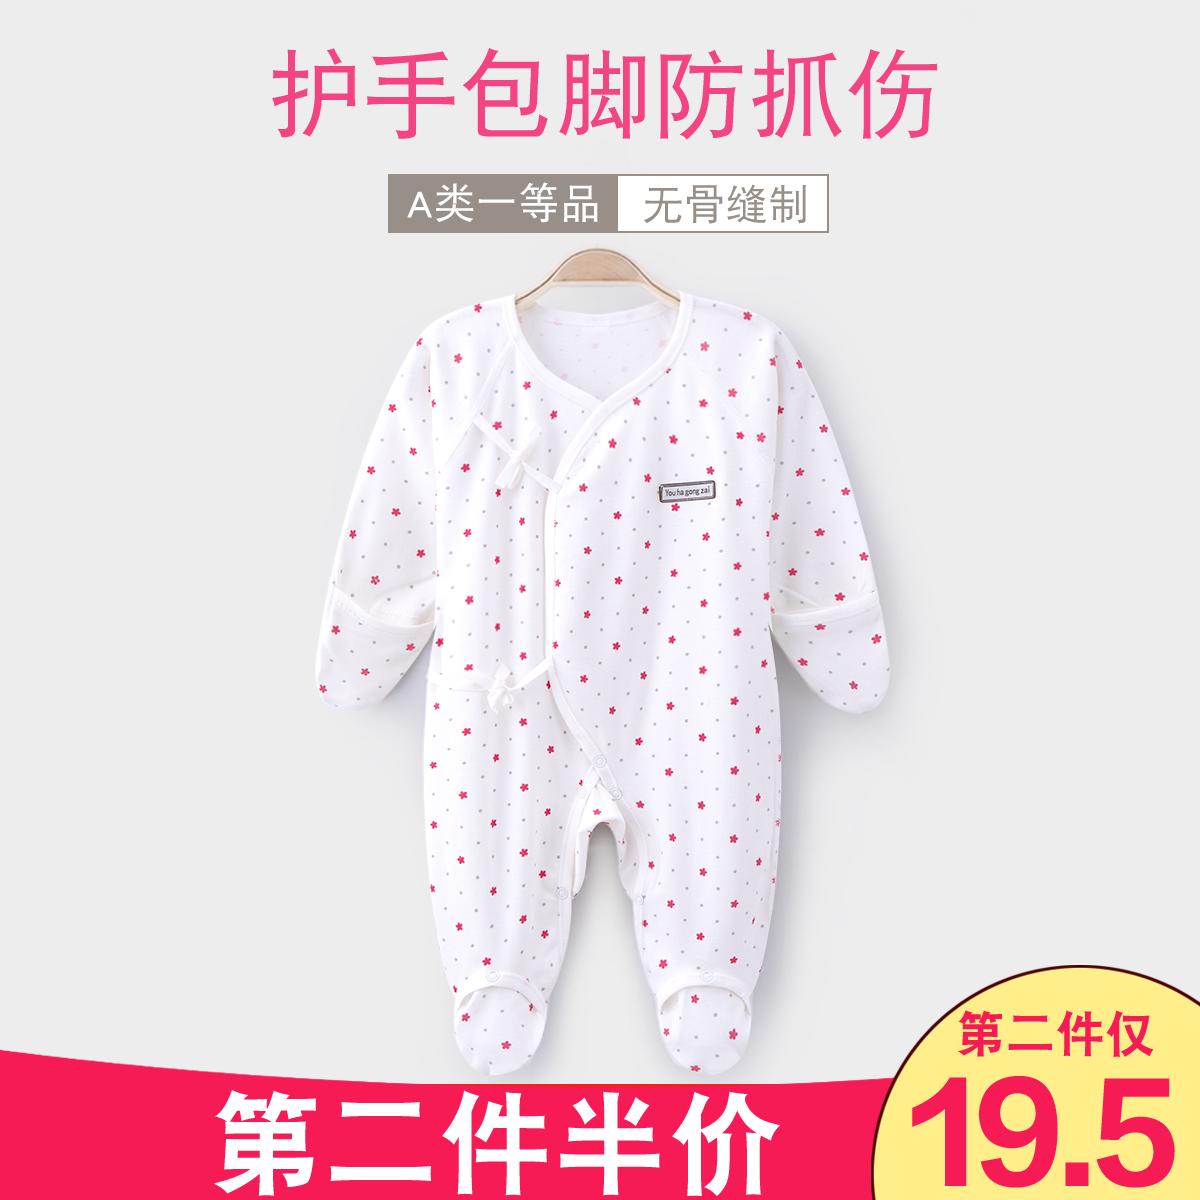 新生儿衣服纯棉婴儿连体衣宝宝护手包脚防抓哈衣爬爬服连身衣睡衣